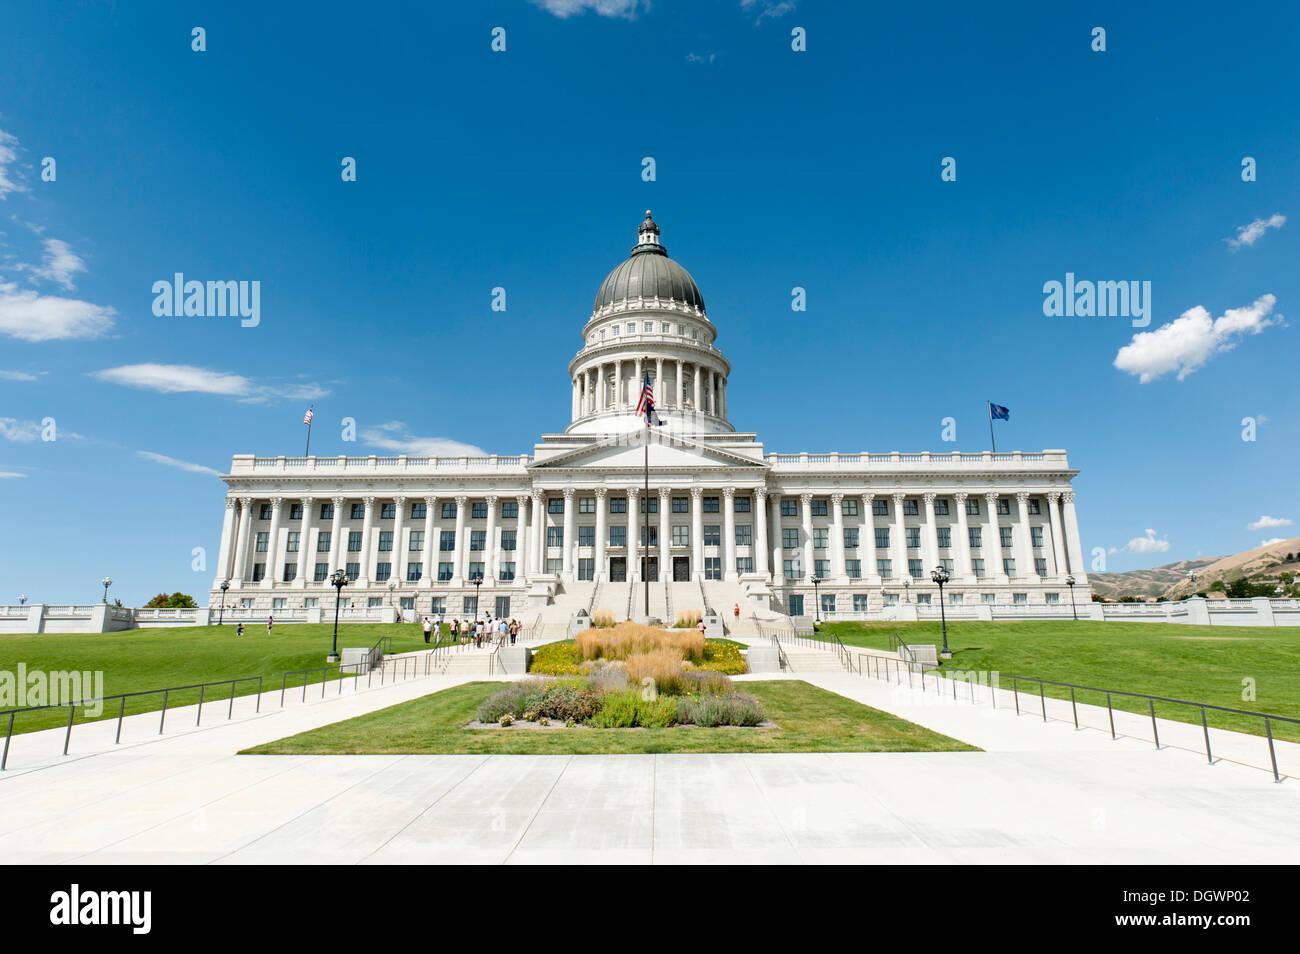 Capitol, Cour suprême et le Parlement, la colline du Capitole, Salt Lake City, Utah, United States de l'Ouest, USA, United States of America Banque D'Images